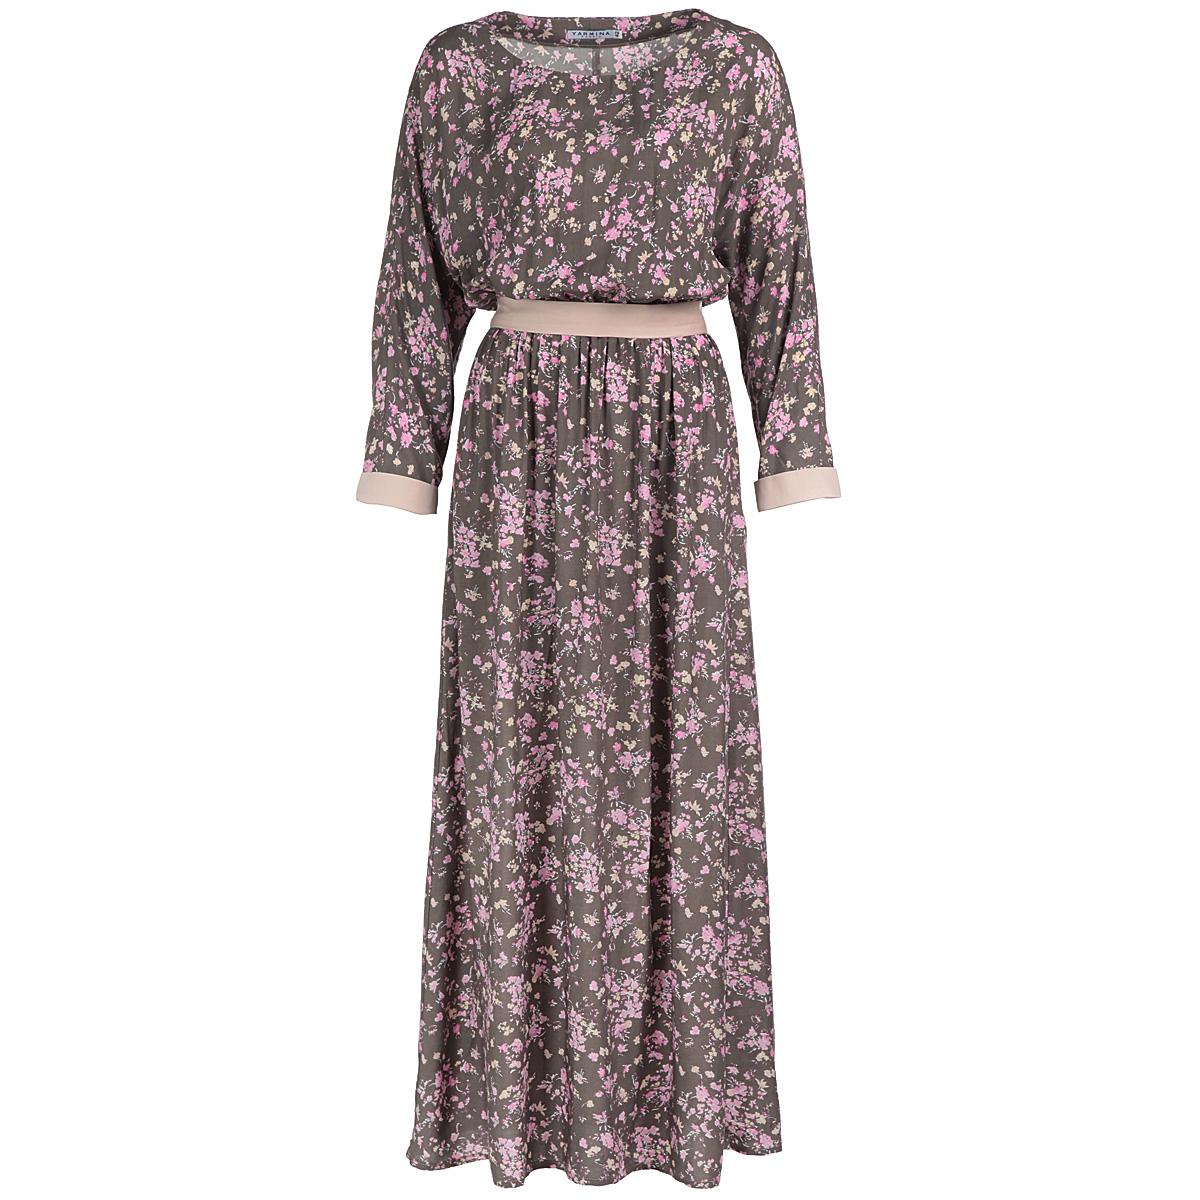 Платье. Y1362-0146Y1362-0146Элегантное платье Yarmina в пол придаст очарование и женственность своей обладательнице. Модель с отрезной талией, круглым вырезом горловины и длинными рукавами-кимоно. Платье длины макси выполнено из приятной струящейся ткани - высококачественного полотна вискозы с цветочным принтом. На талии модель собрана на резинку и дополнена изящным пояском. Изысканный наряд создаст обворожительный неповторимый образ. Приталенный силуэт подчеркивает стройность фигуры.